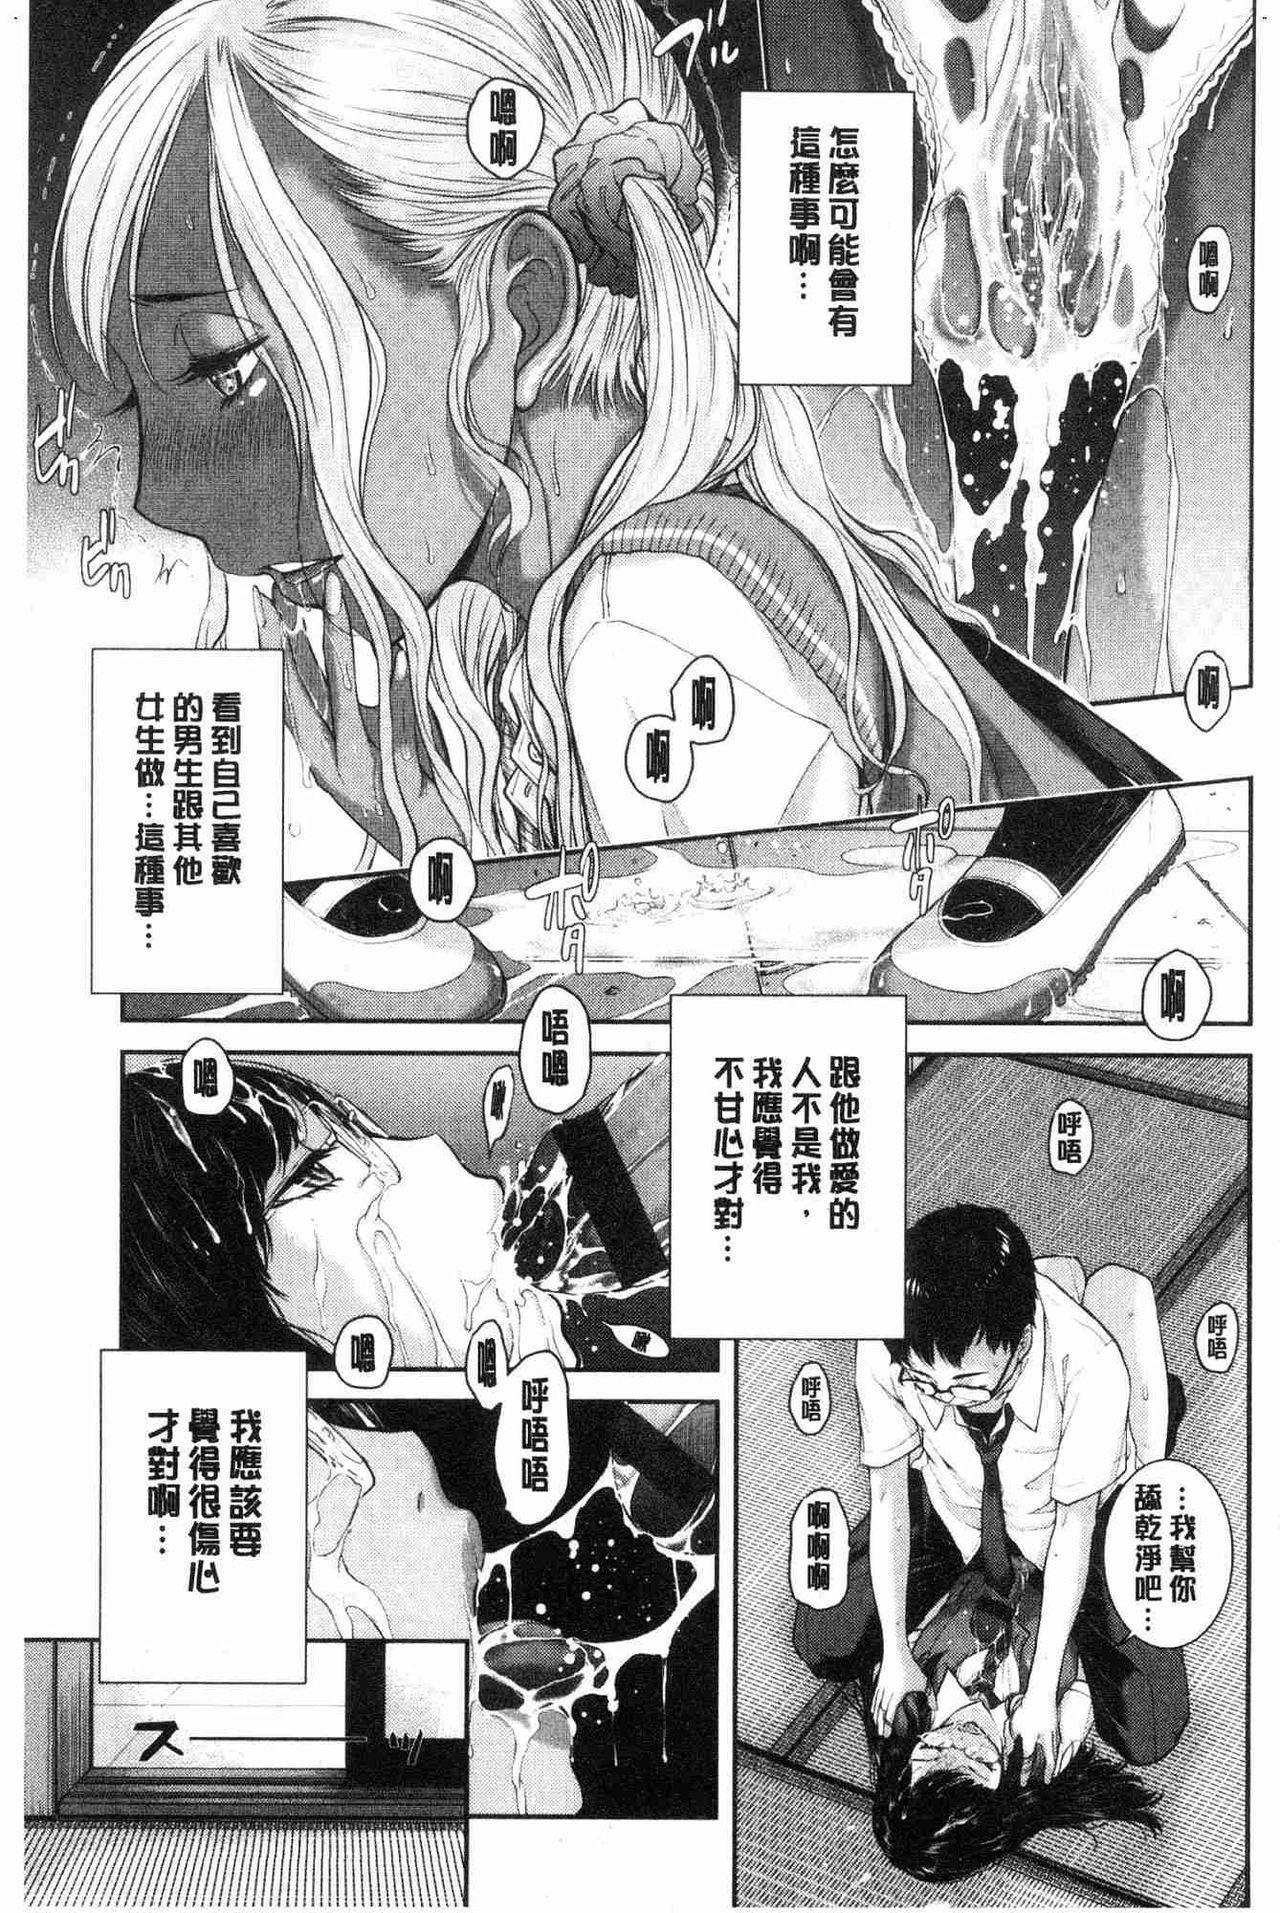 [Harazaki Takuma] Seifuku Shijou Shugi -Natsu- - Uniforms supremacy [Chinese] 197